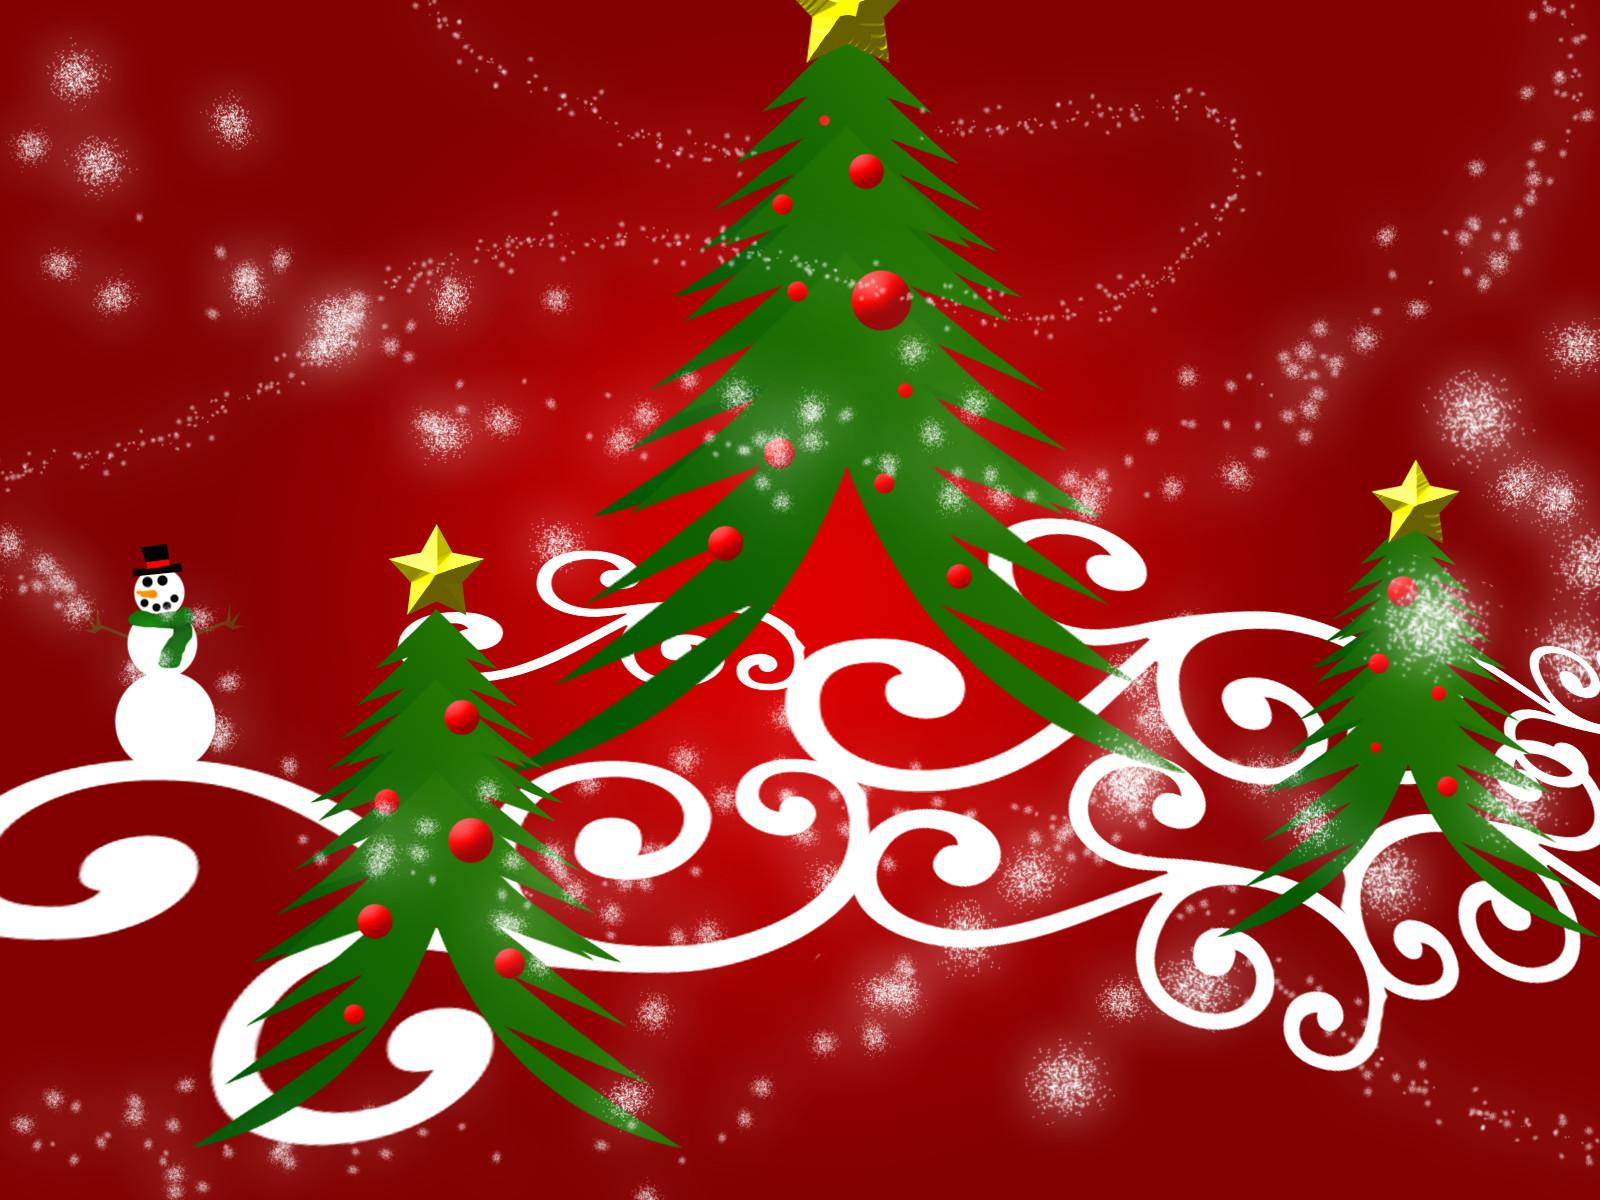 free christmas desktop wallpapers christmas abstract